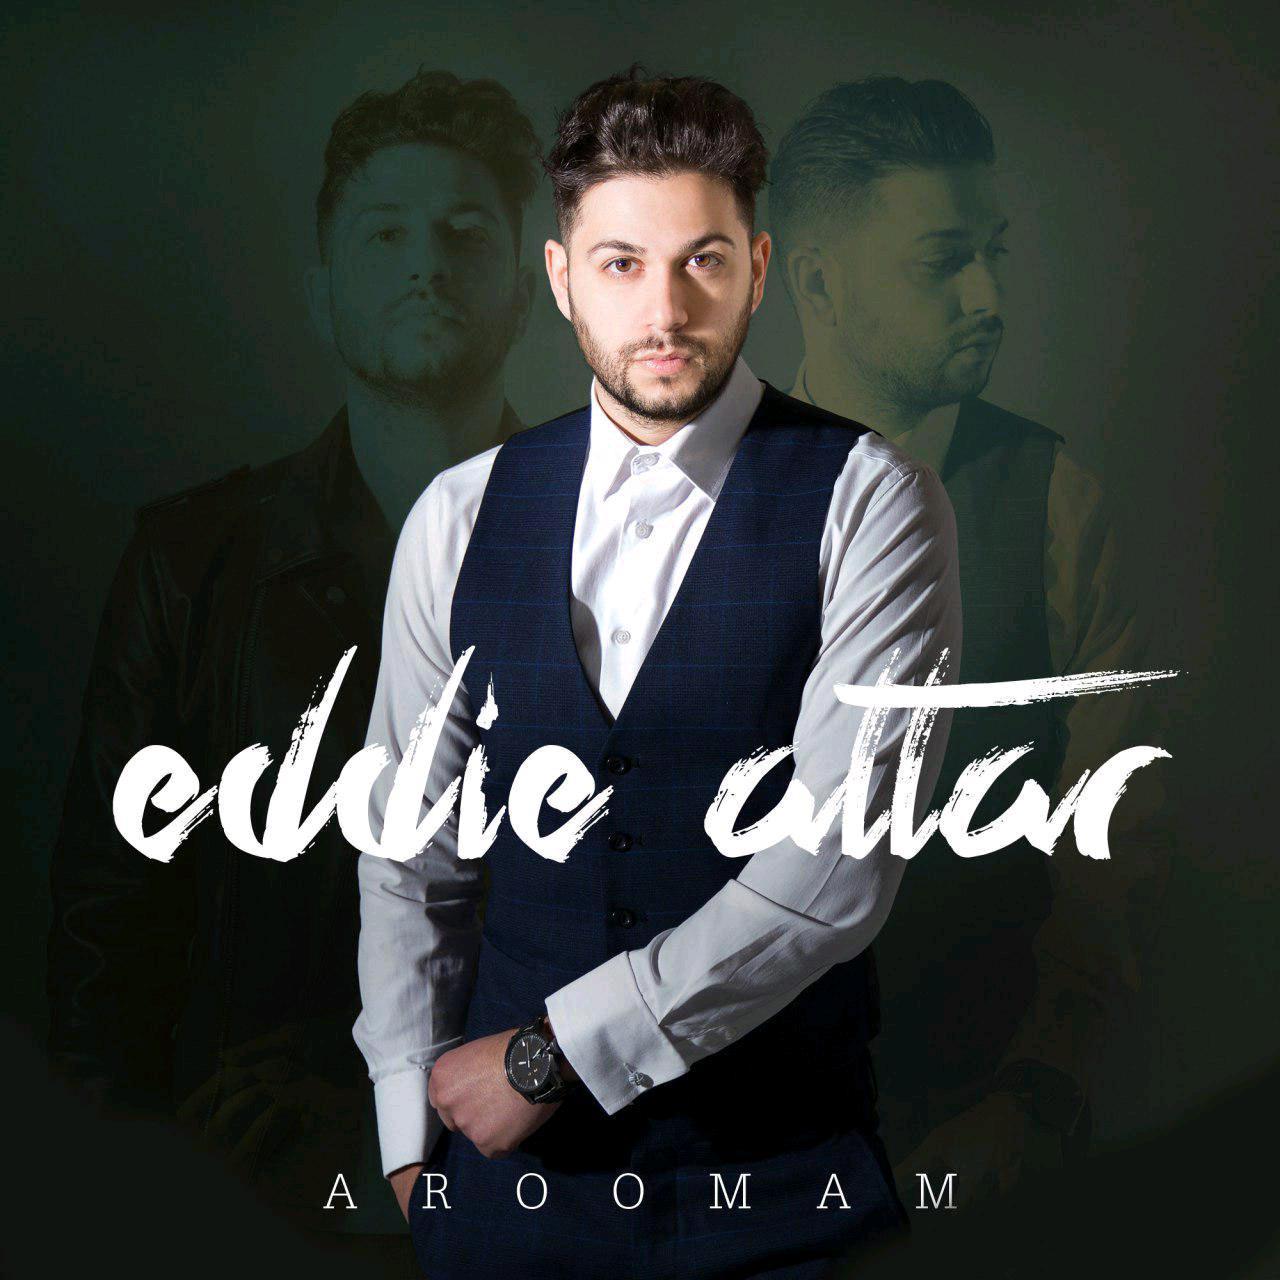 Eddie Attar – Aroomam